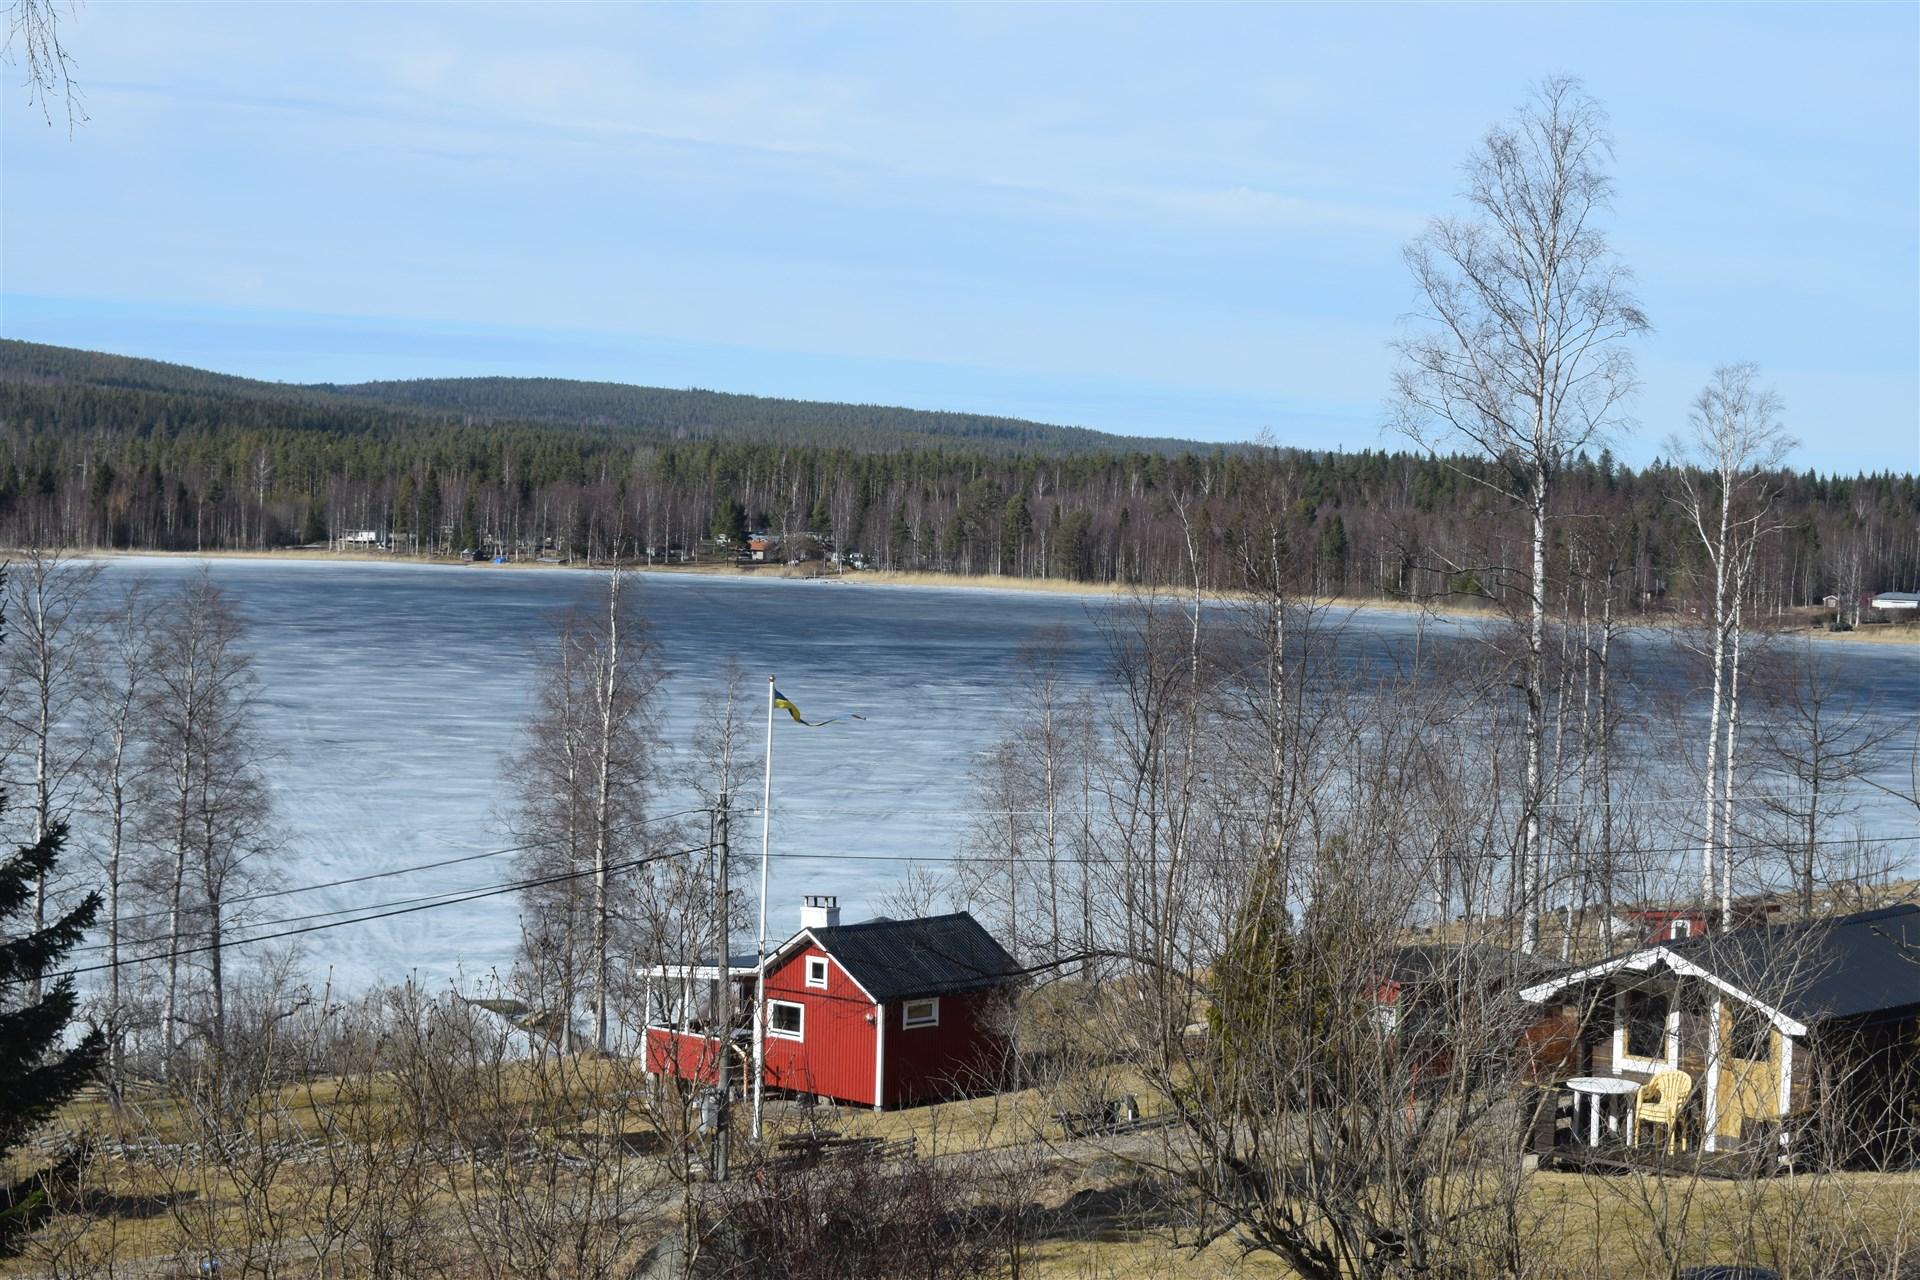 Fin utsikt över sjön.